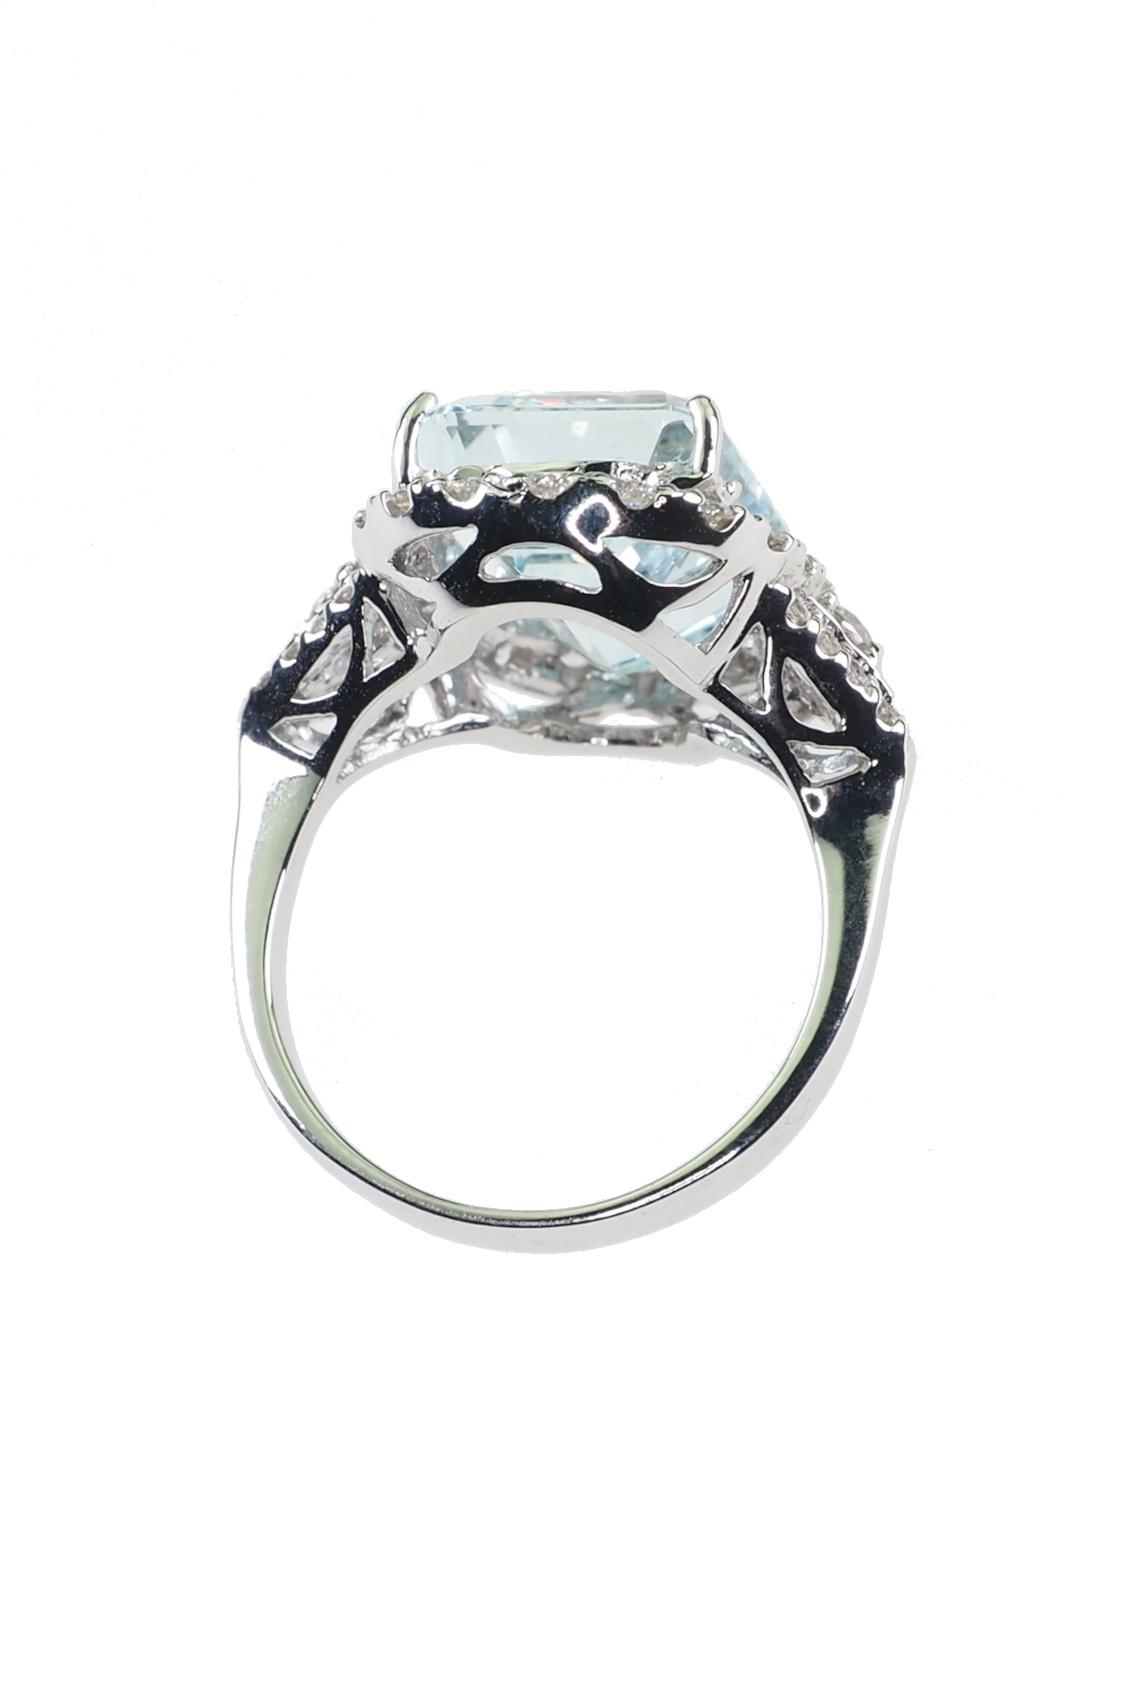 Verlobungsringe-online-kaufen-1208c